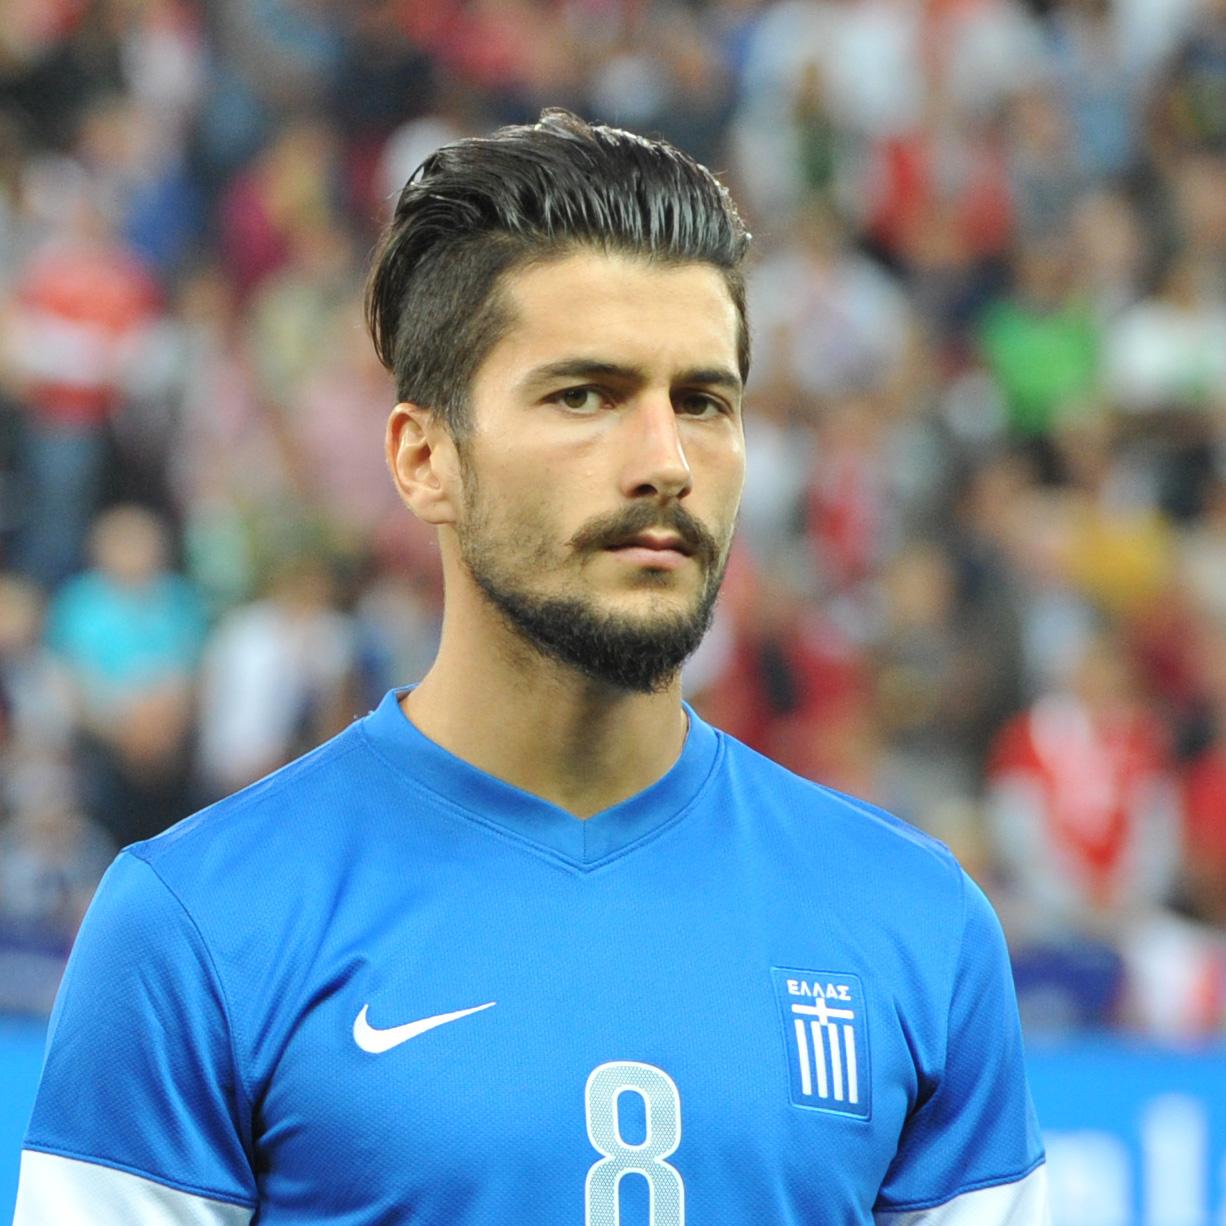 Panayotis, Greek champion